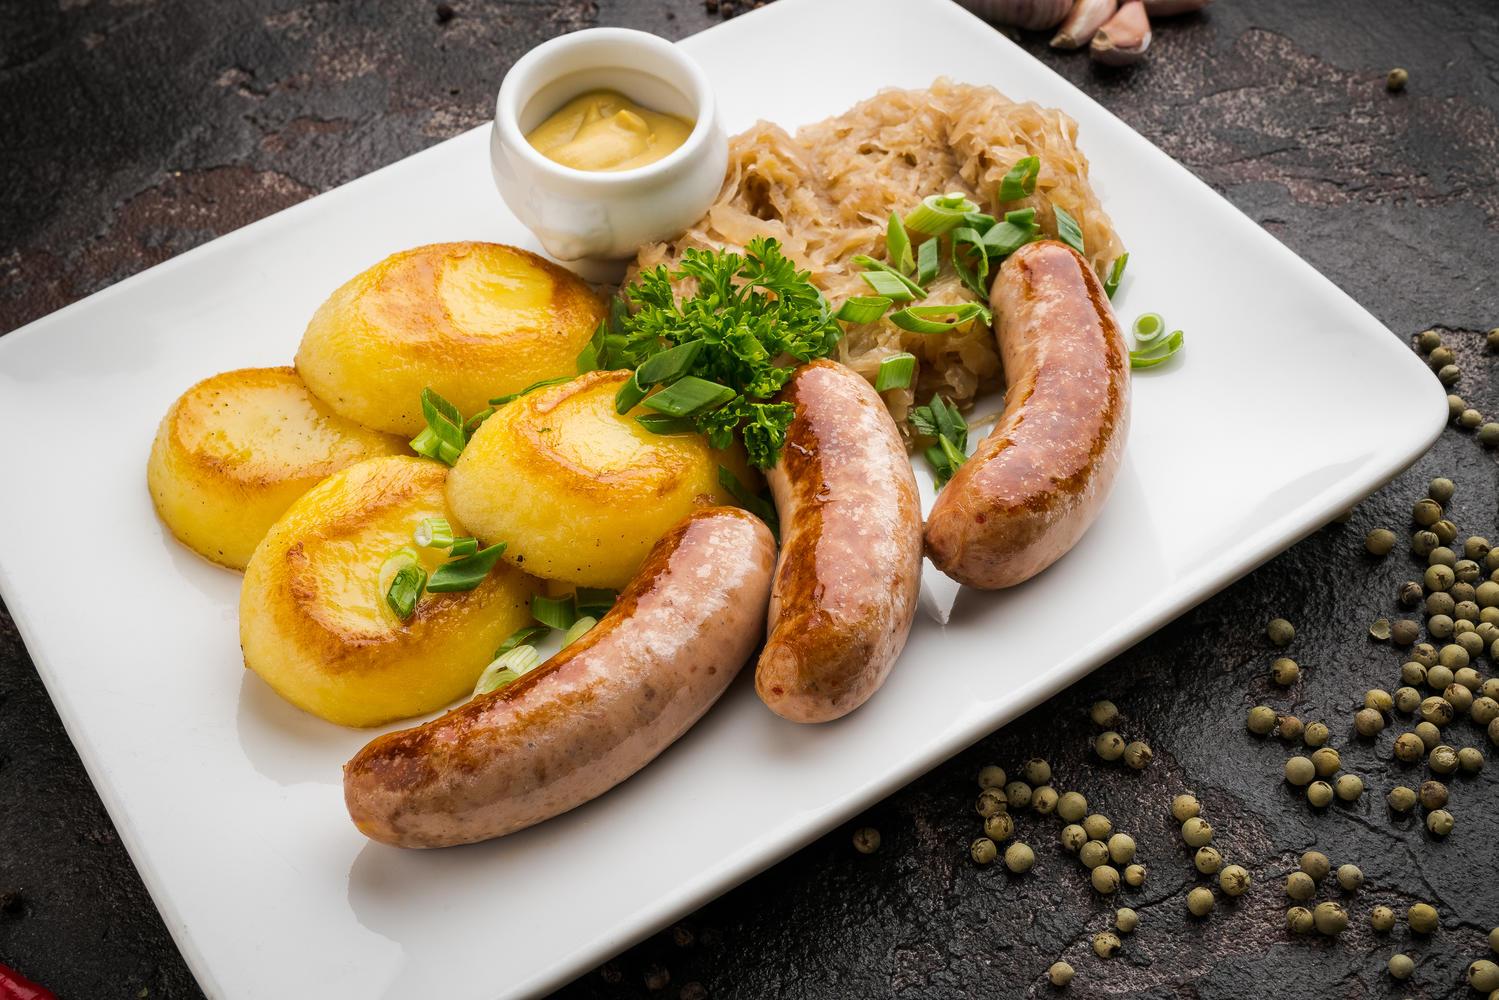 картинки мюнхенские колбаски будешь ценить то